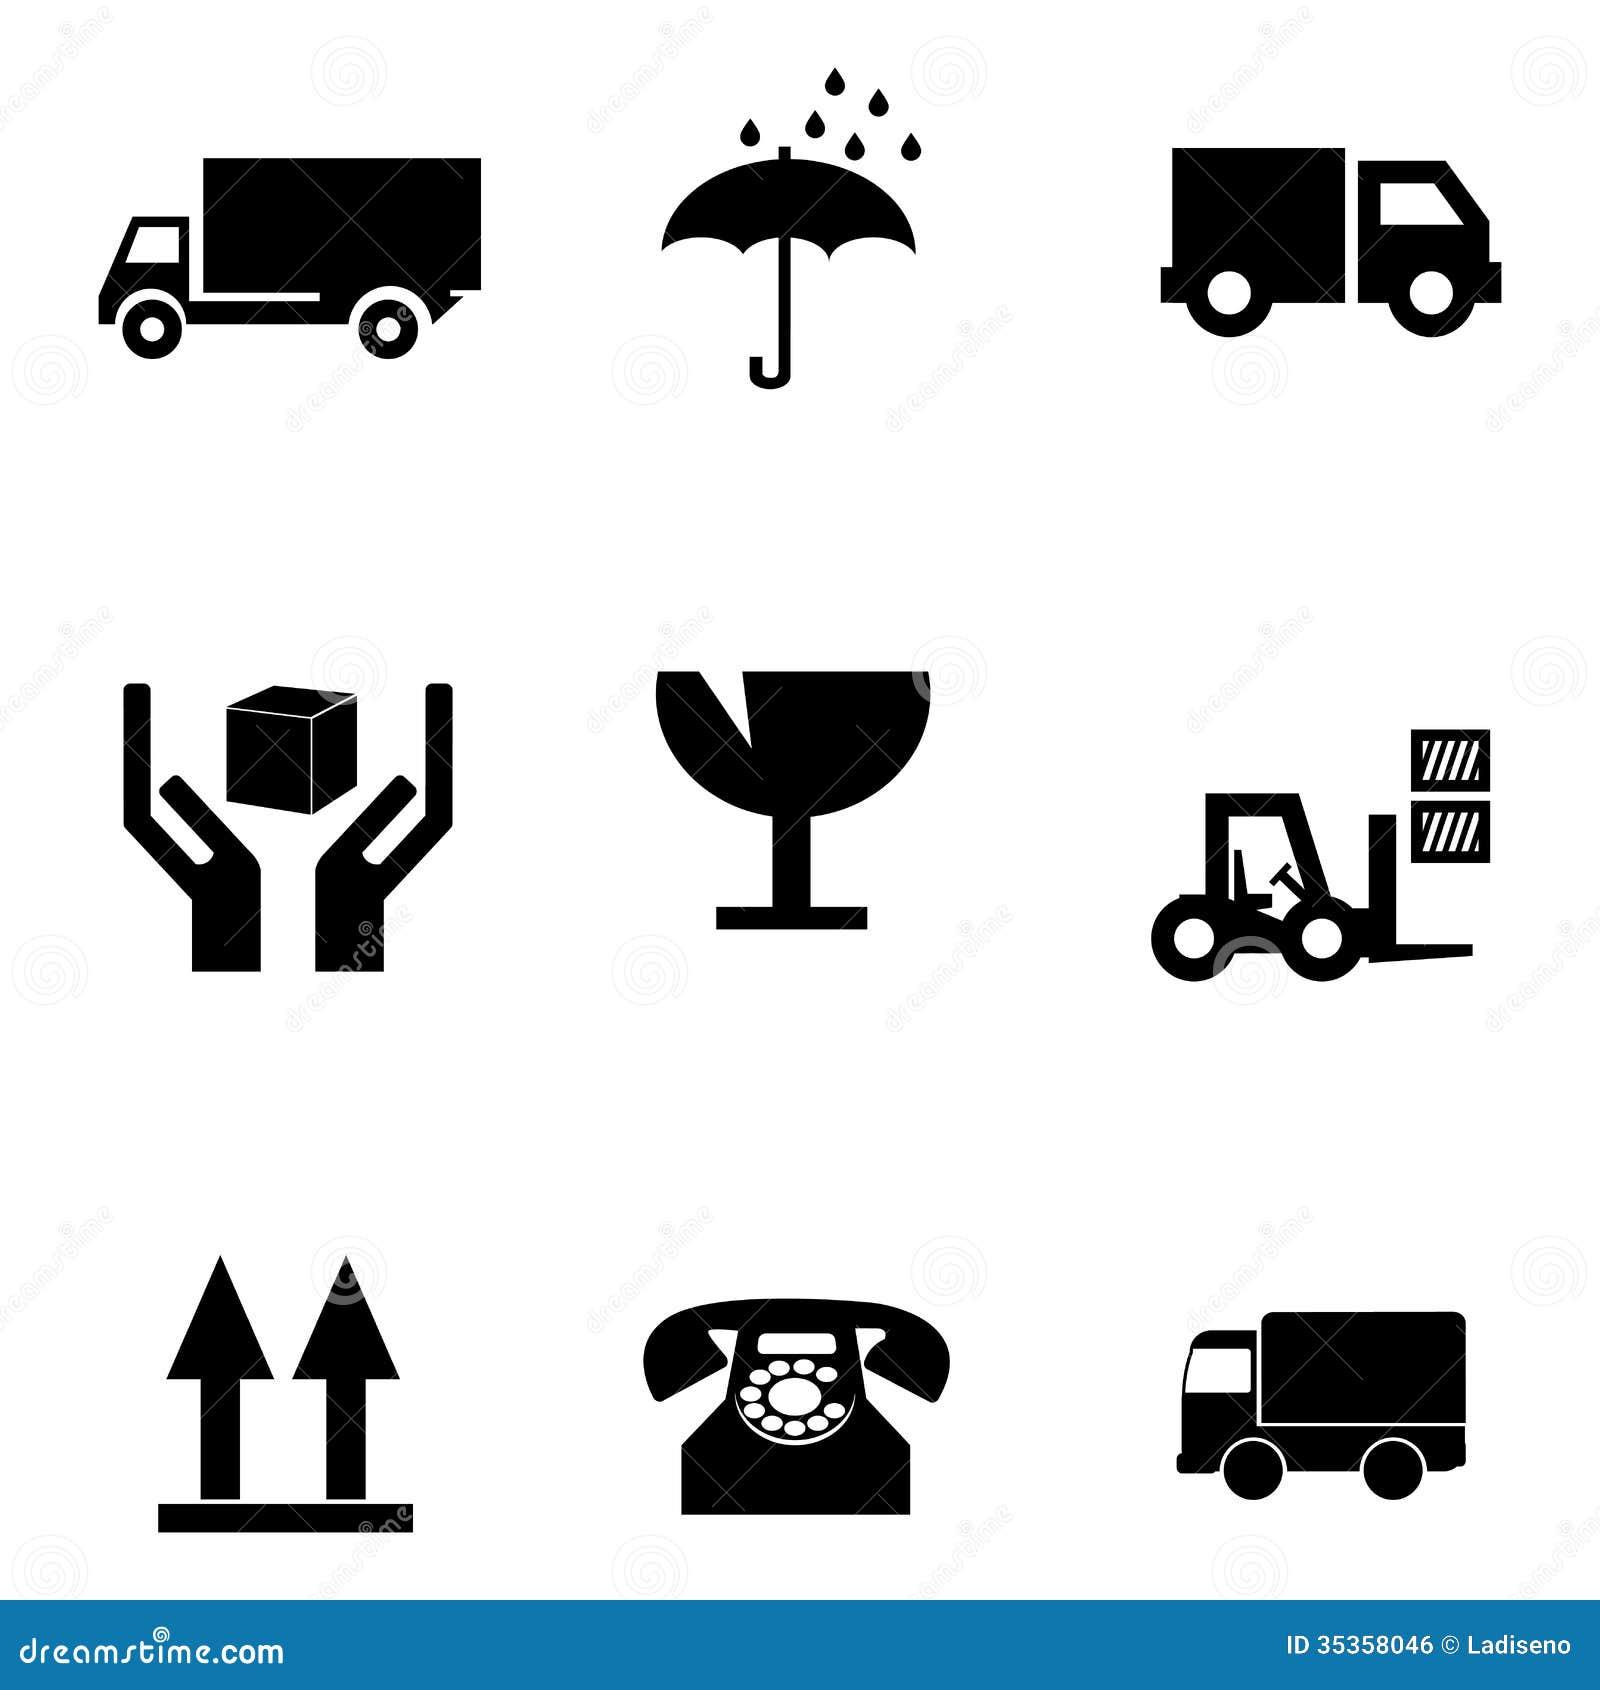 Truck Symbols - Delivery Icon, Sticker Stock Photo - Image: 36294550